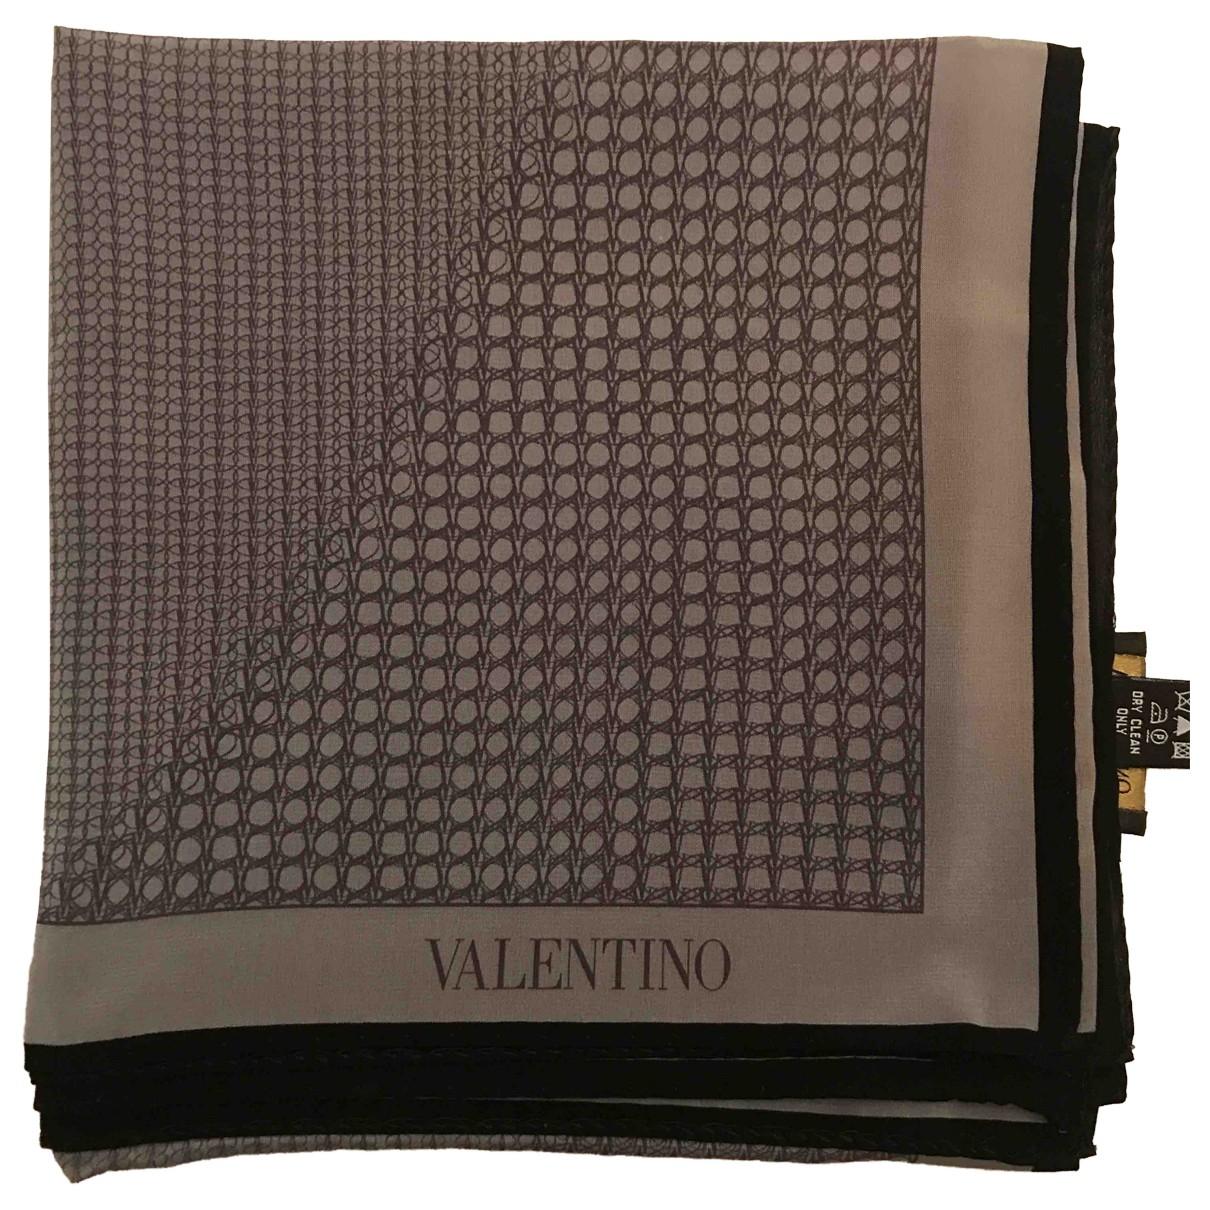 Valentino Garavani - Foulard   pour femme en soie - multicolore